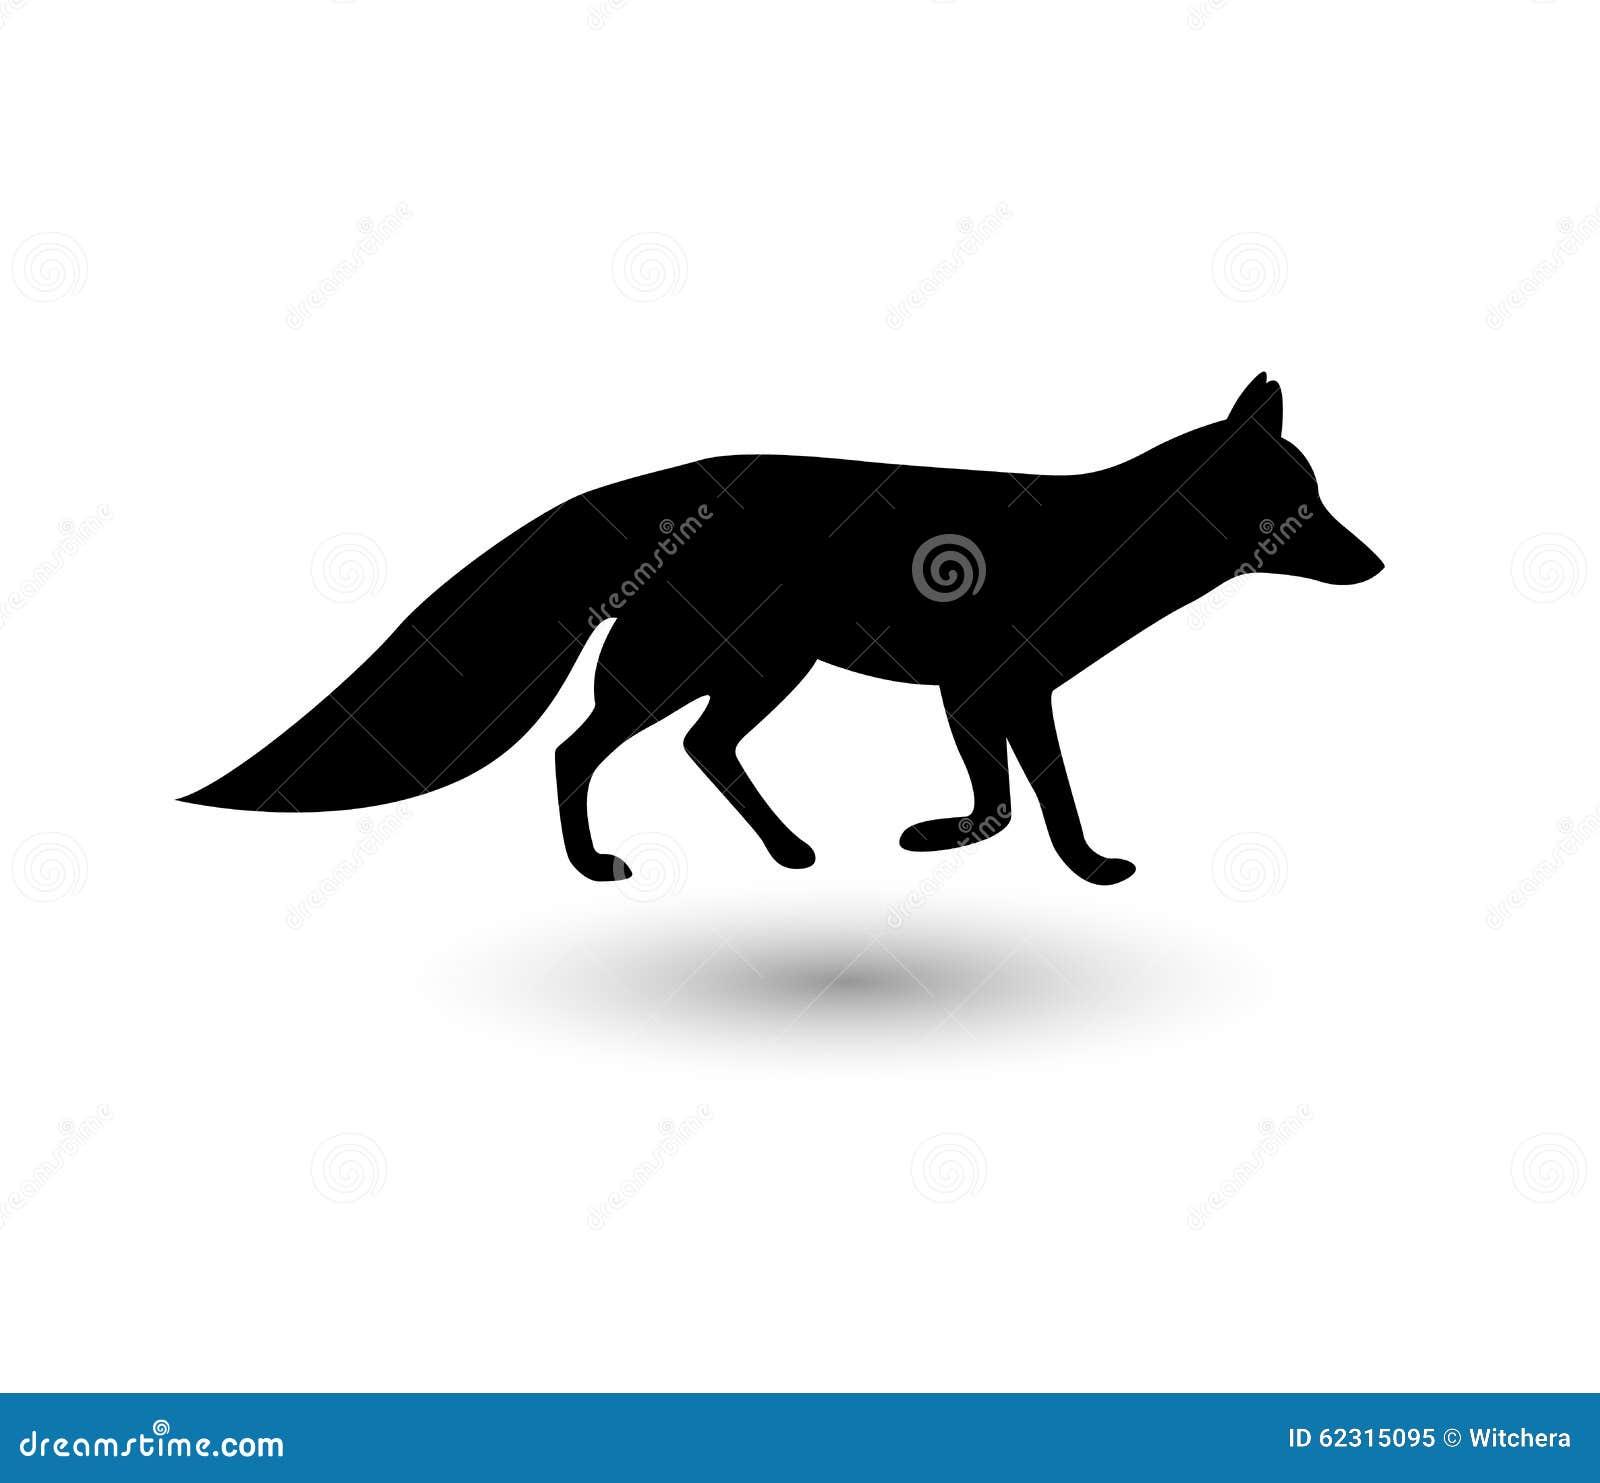 Silhouette de renard illustration de vecteur illustration - Clipart renard ...